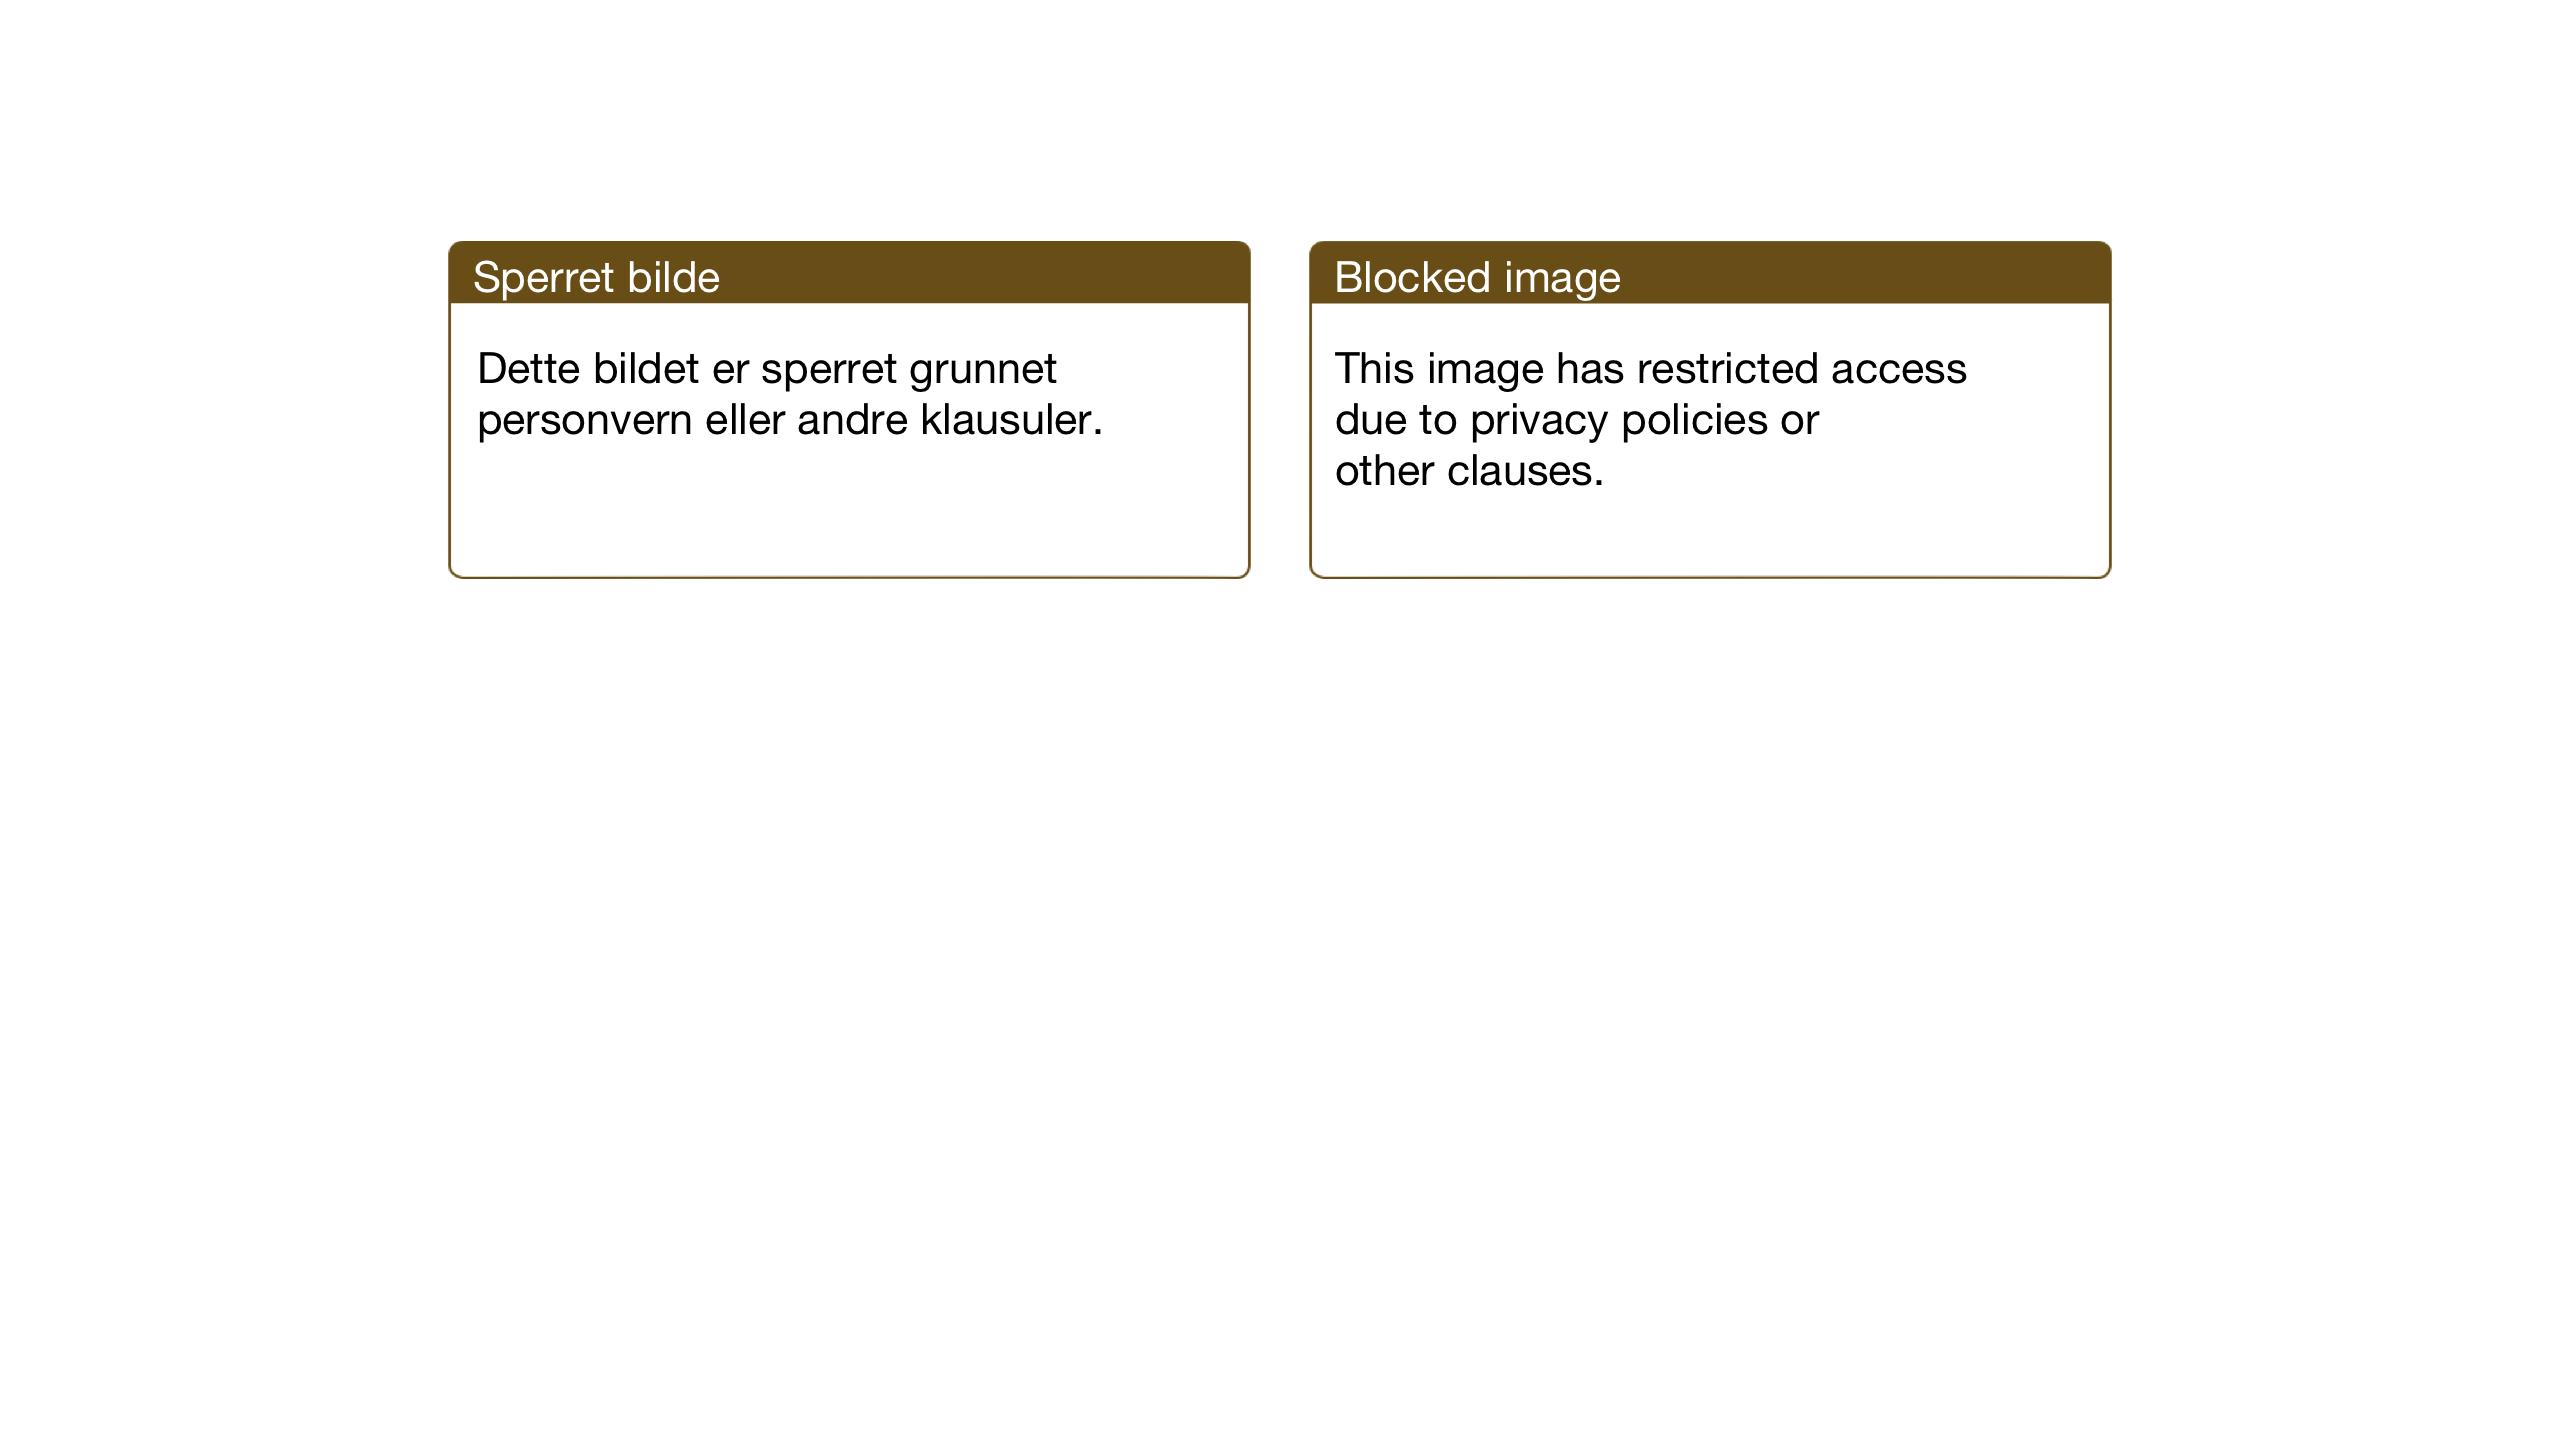 SAT, Ministerialprotokoller, klokkerbøker og fødselsregistre - Nord-Trøndelag, 757/L0507: Klokkerbok nr. 757C02, 1923-1939, s. 25